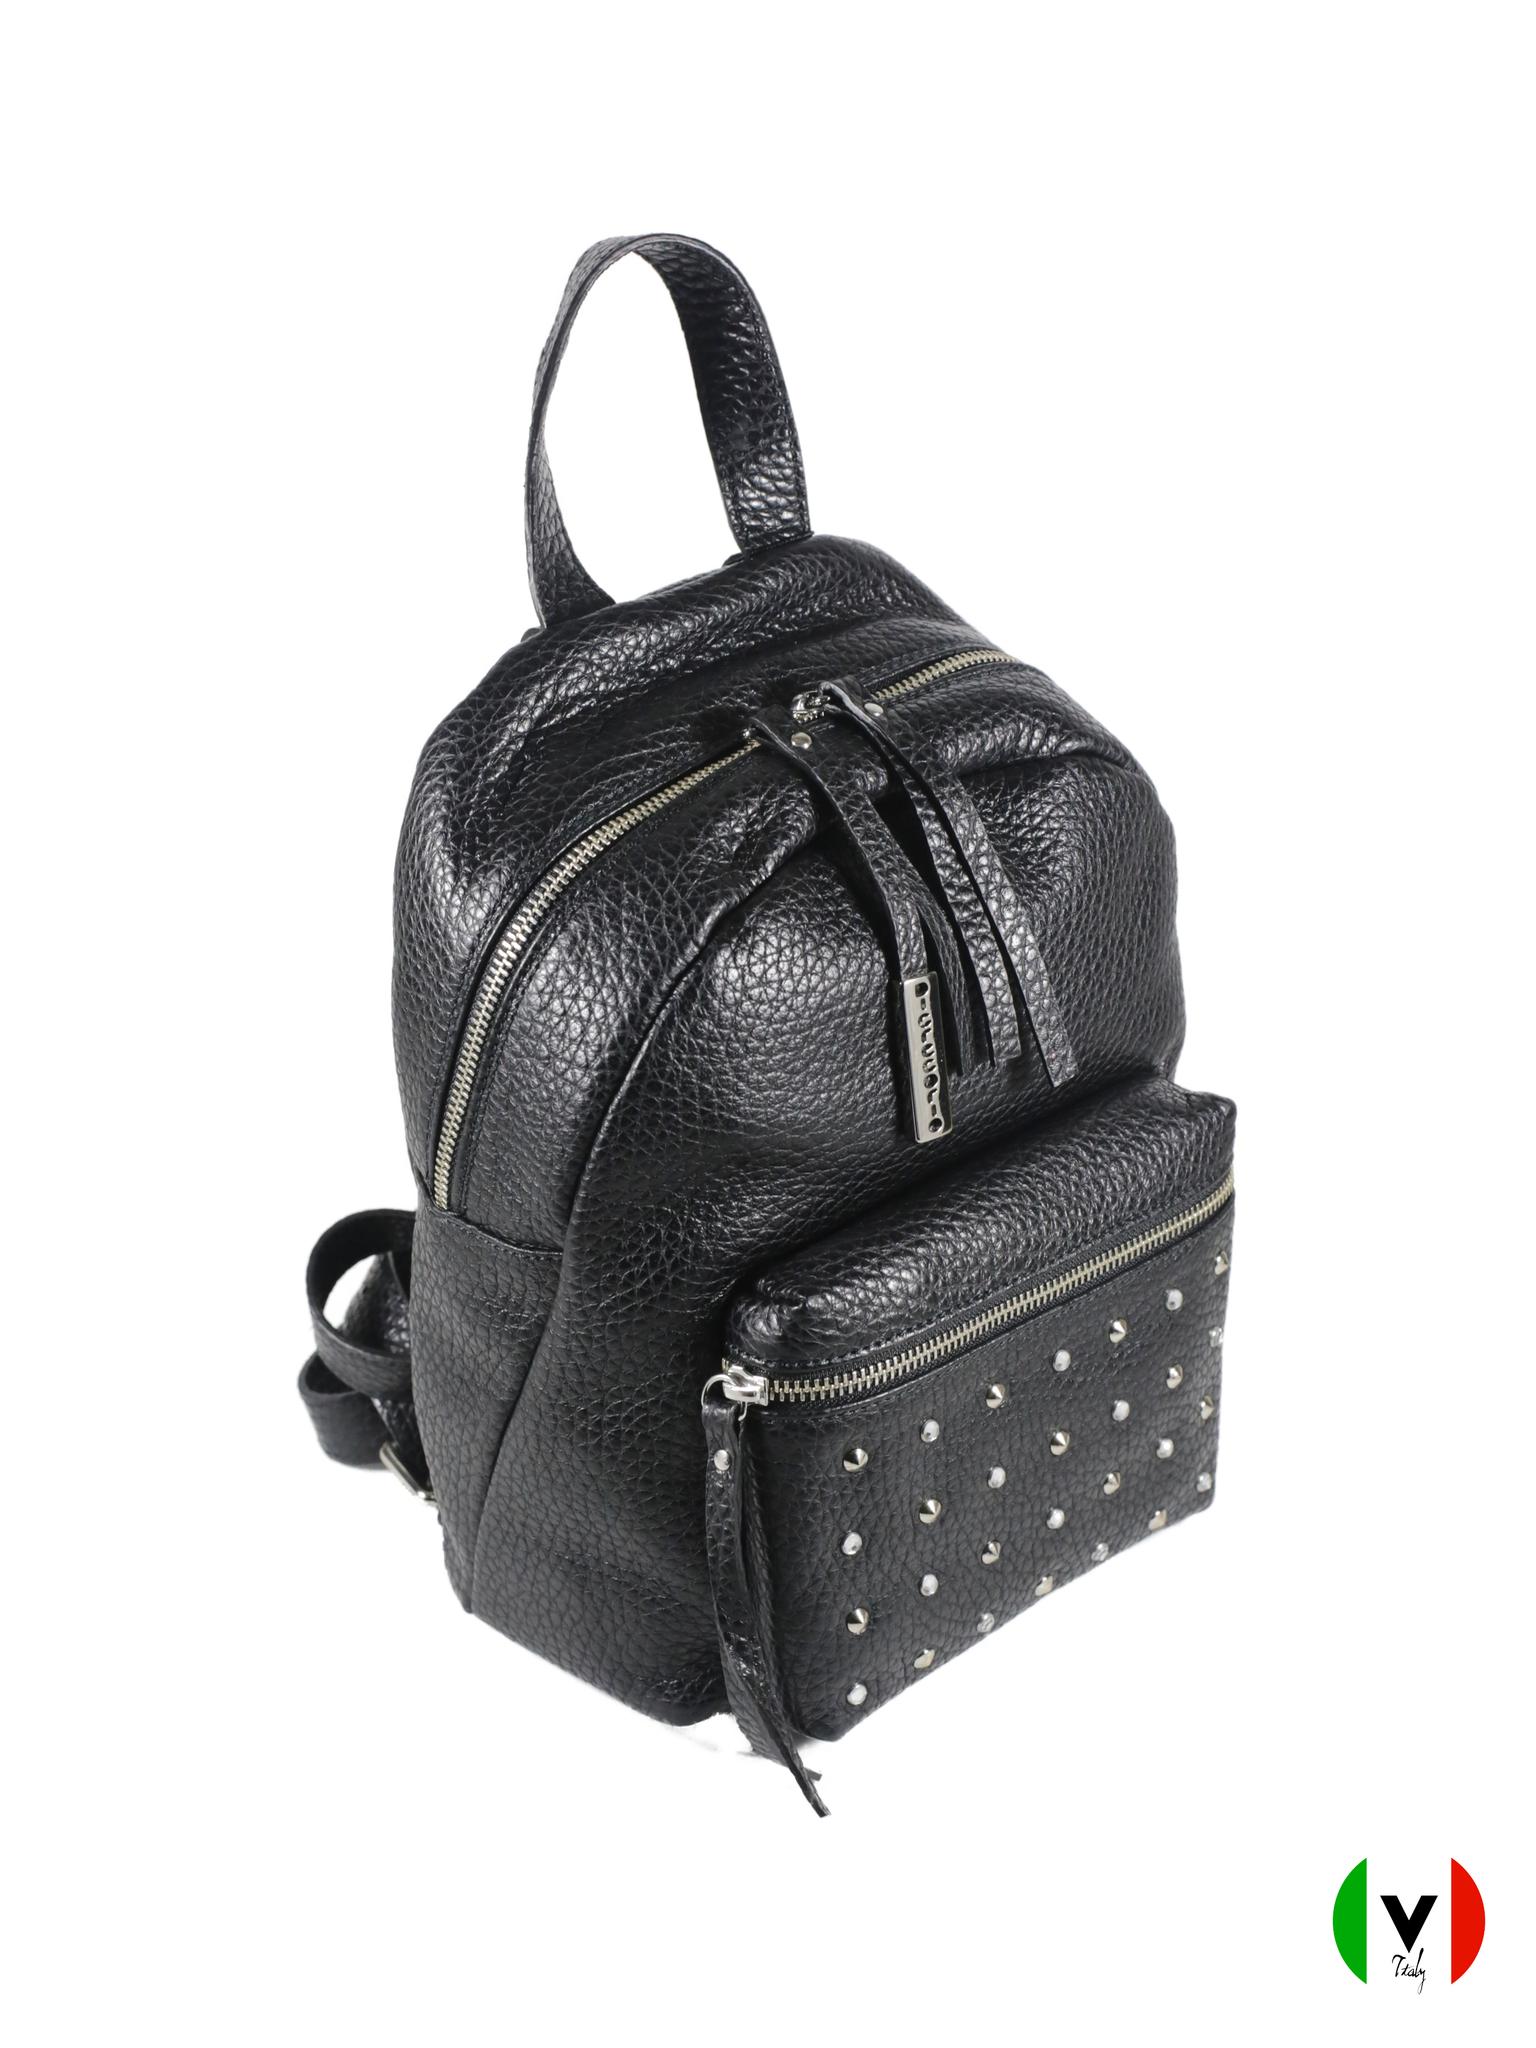 Сумка-рюкзак Di Gregorio чёрного цвета 2649, артикул 2649, цена 18 500 руб., veroitaly.ru